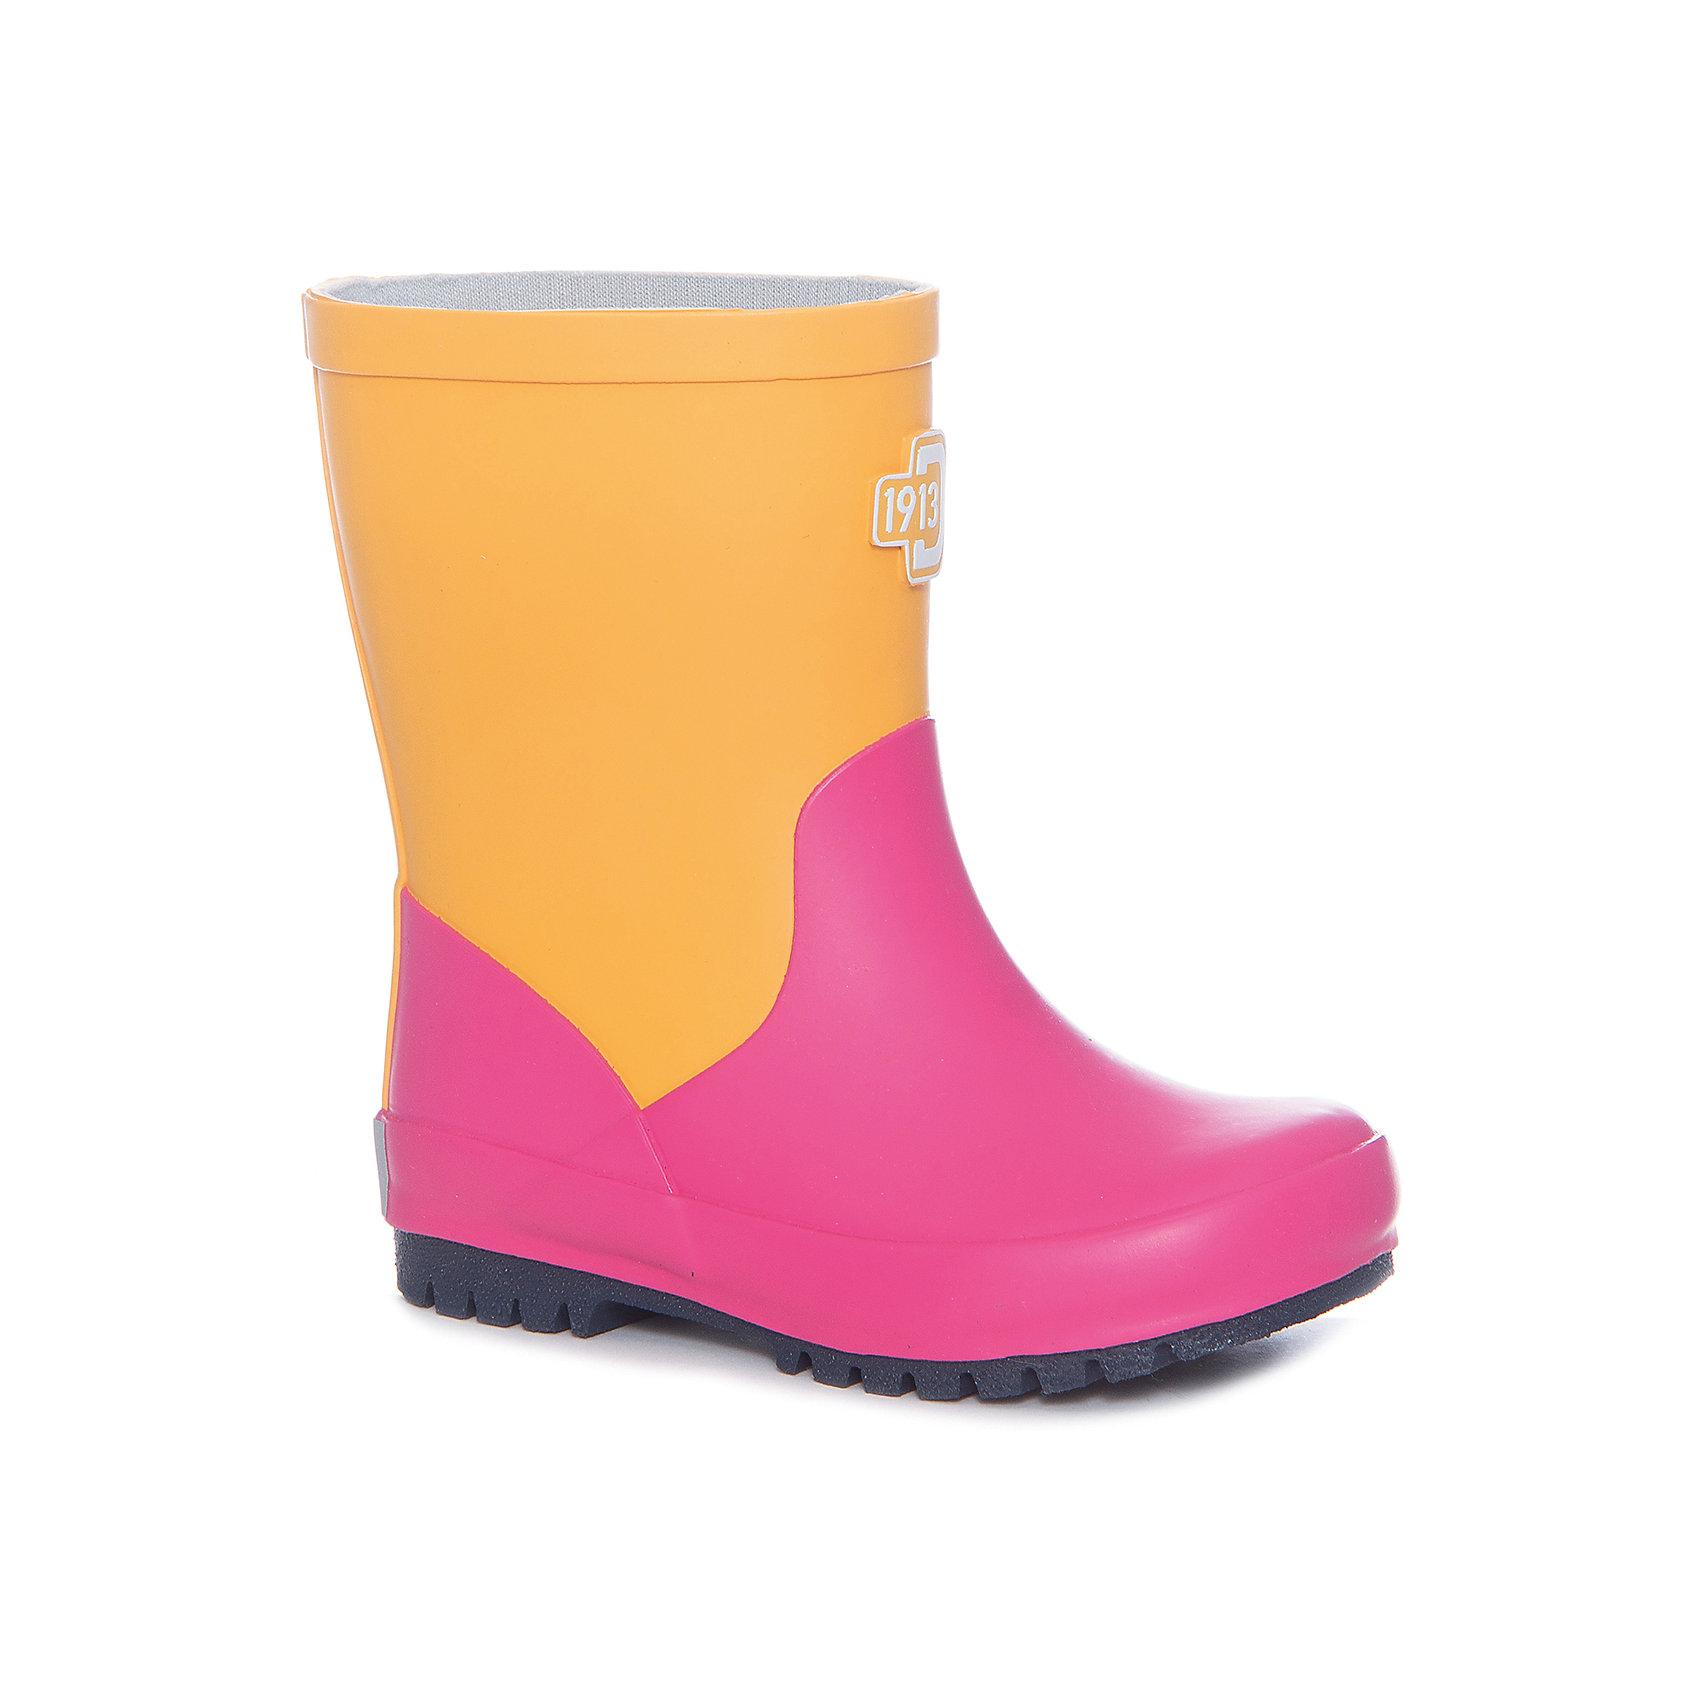 Резиновые сапоги MILAJ для девочки DIDRIKSONSЯркие резиновые сапоги  из натурального каучука - практичная и удобная обувь для дождливой погоды. Мягкая текстильная подкладка из полиэстера обеспечит тепло и комфорт при носке. Ортопедическая стелька вынимается. Рельефная подошва предотвратит скольжение. <br>Состав:<br>Верх - 100% каучук, подкладка - 100% полиэстер<br><br>Ширина мм: 237<br>Глубина мм: 180<br>Высота мм: 152<br>Вес г: 438<br>Цвет: желтый<br>Возраст от месяцев: 108<br>Возраст до месяцев: 120<br>Пол: Женский<br>Возраст: Детский<br>Размер: 33,30,31,29,28,27,26,25,24,23,35,34,32<br>SKU: 5527298